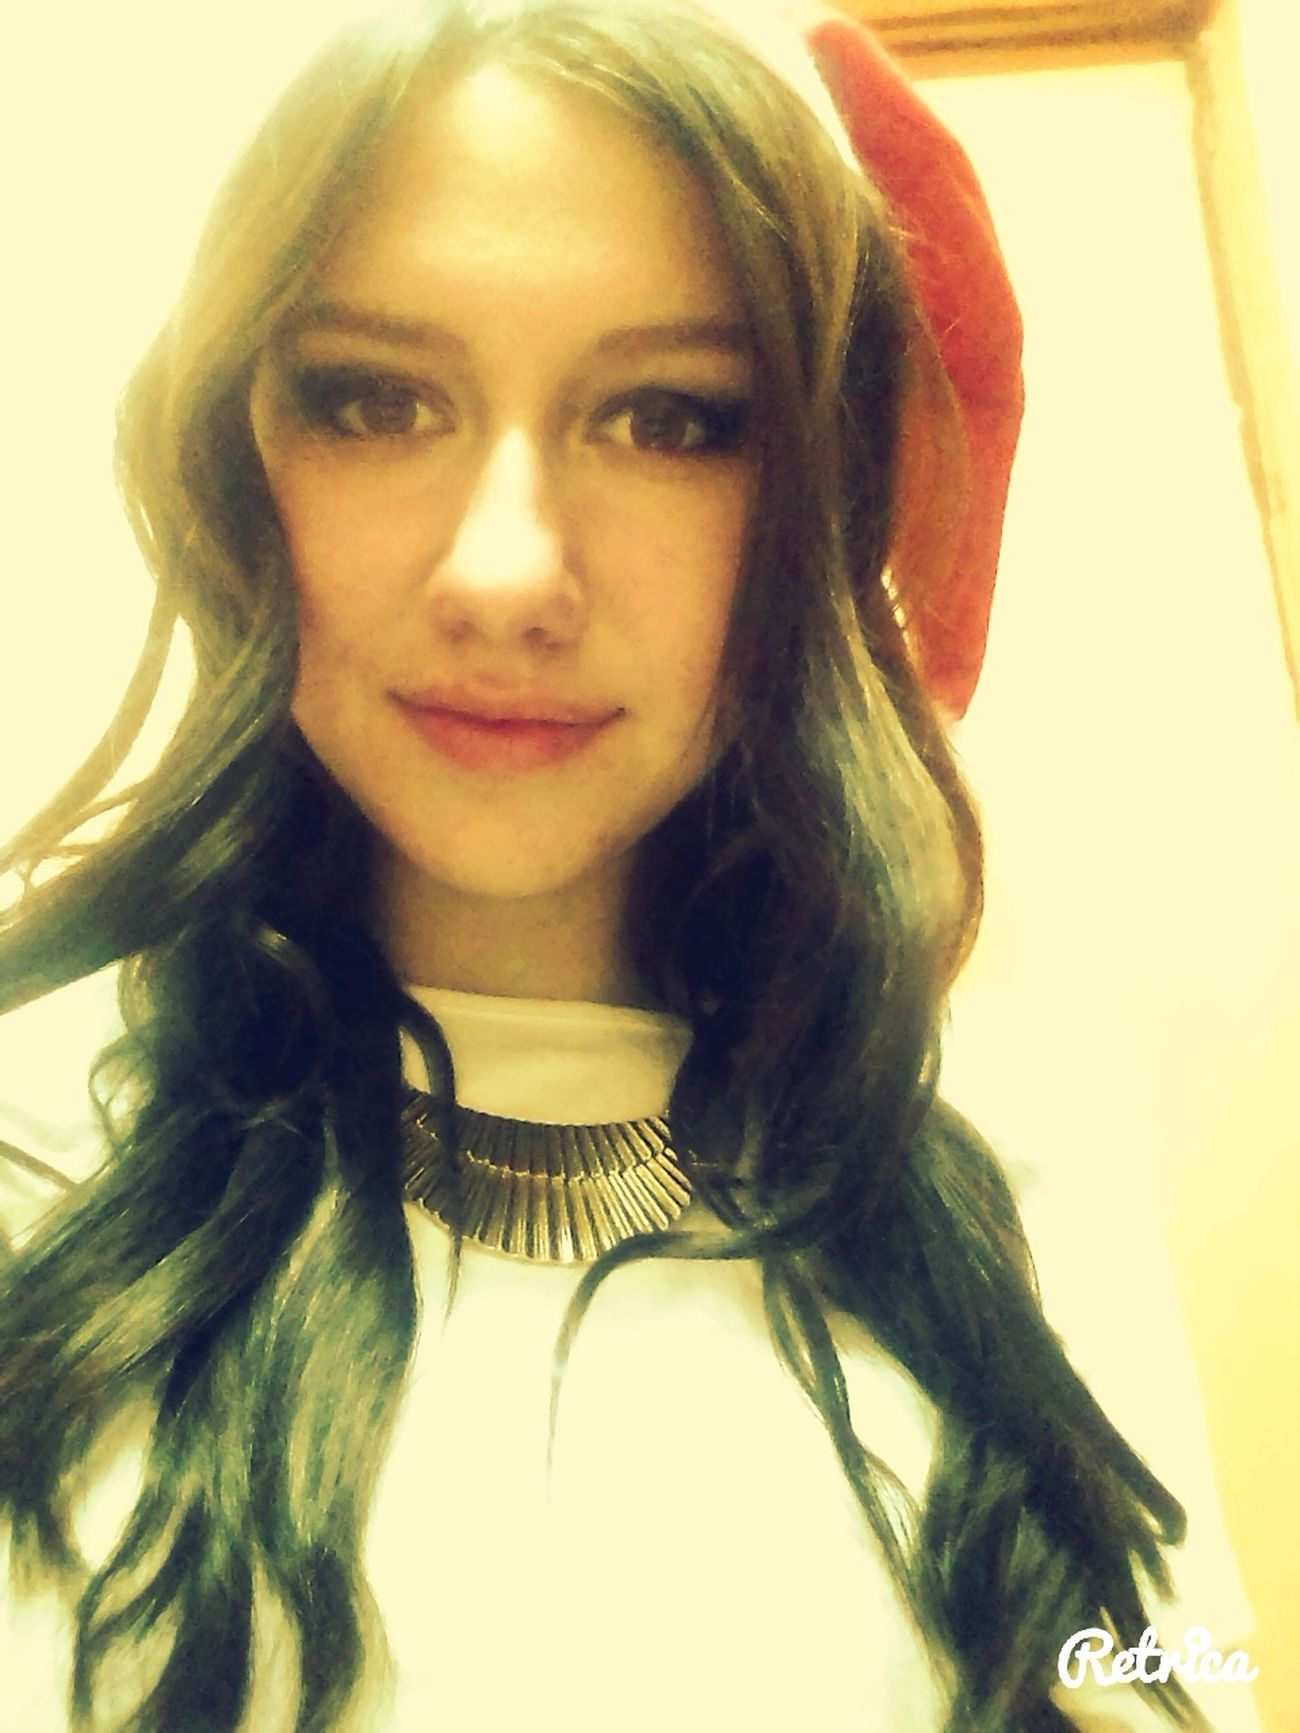 С Новым Годом! :-):-):-) Hi!